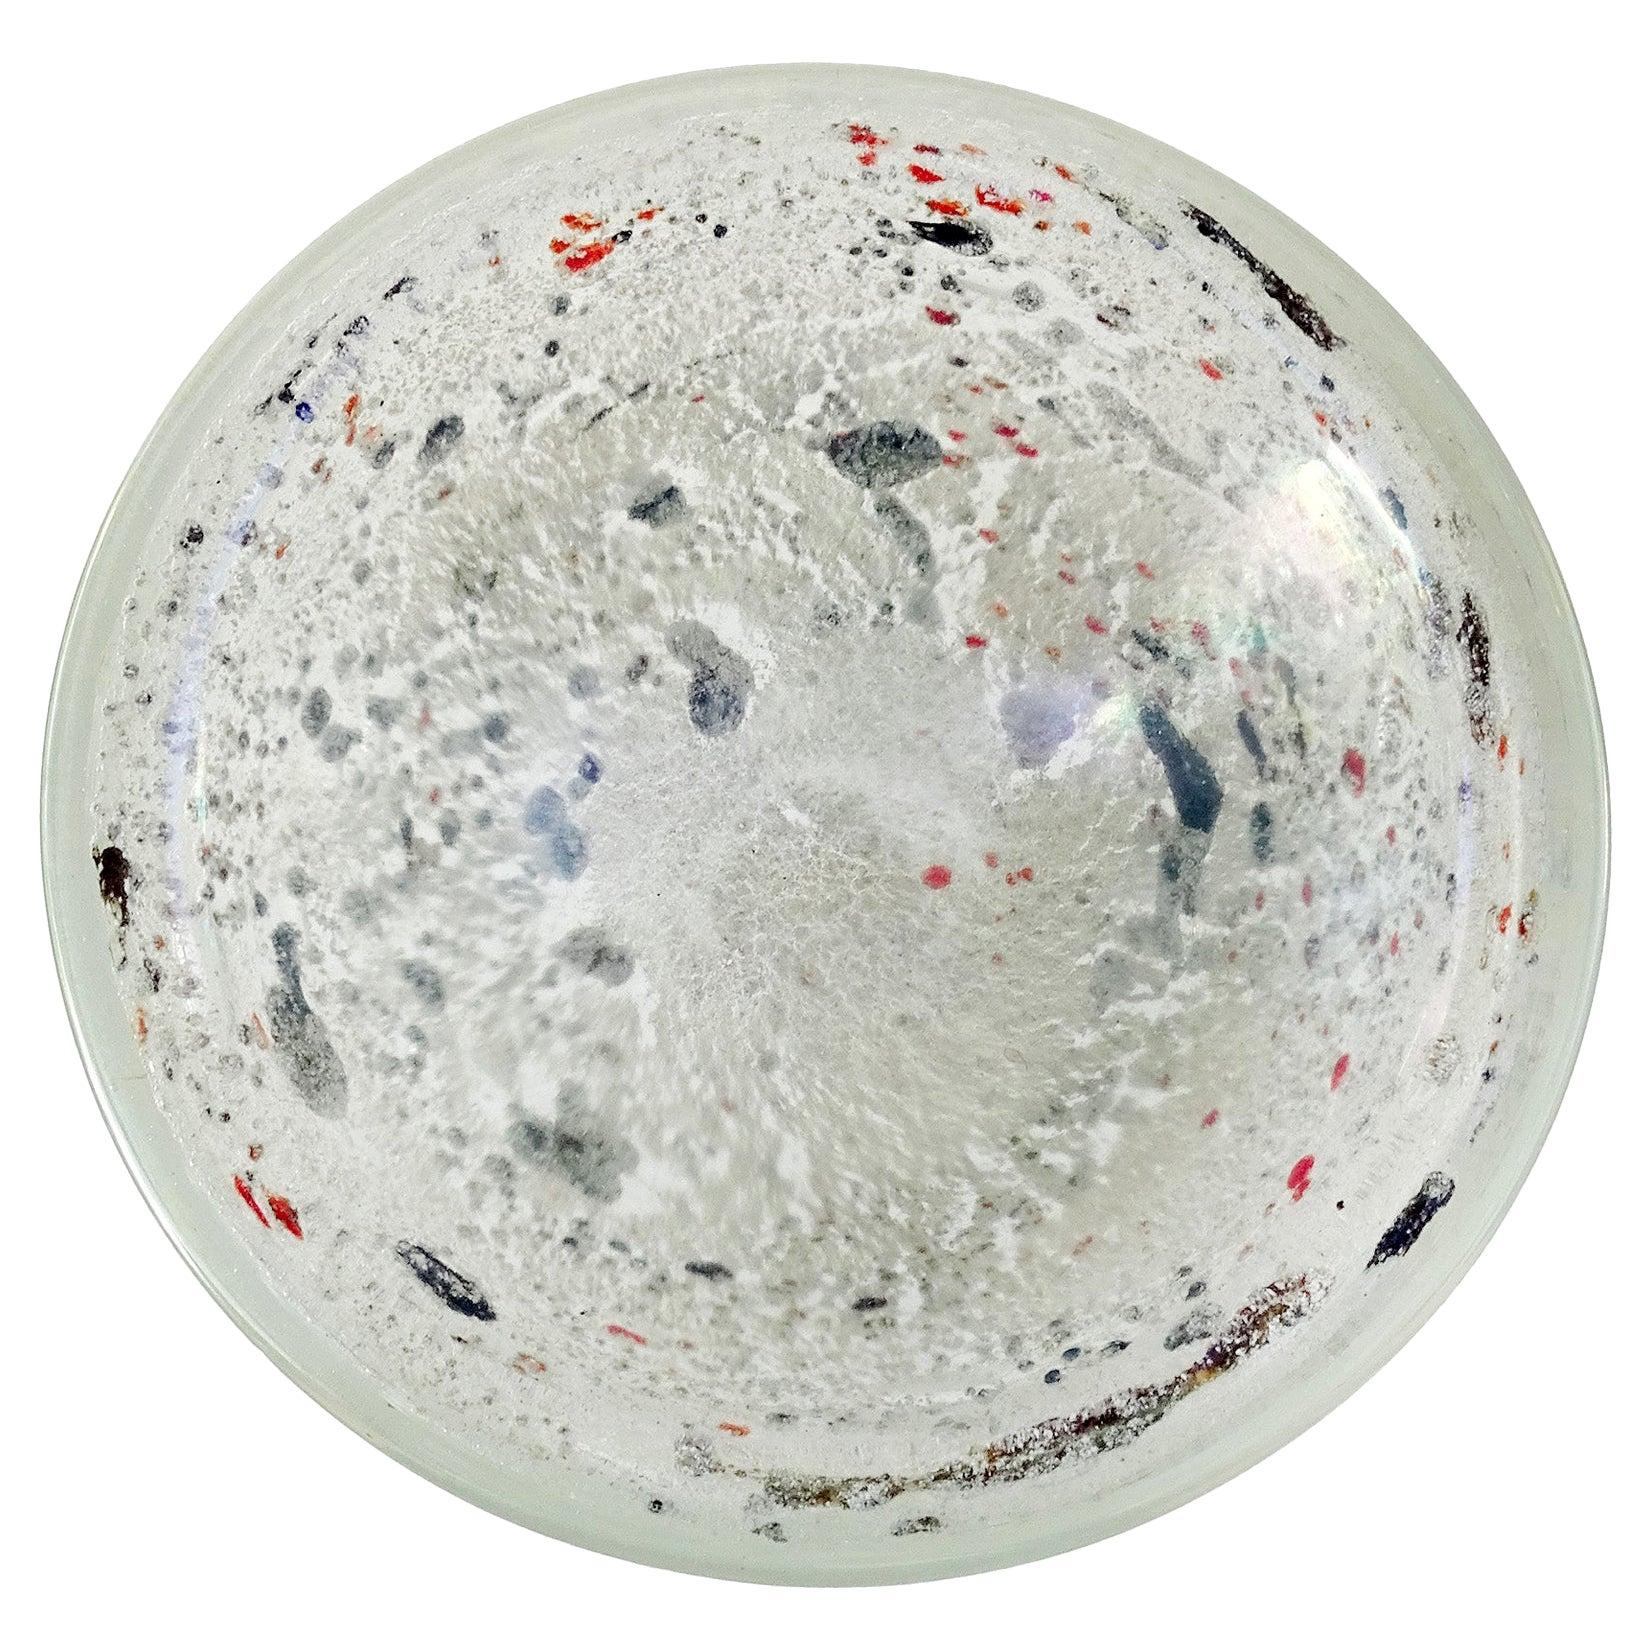 Dino Martens Aureliano Toso Murano Iridescent White Gray Italian Art Glass Bowl